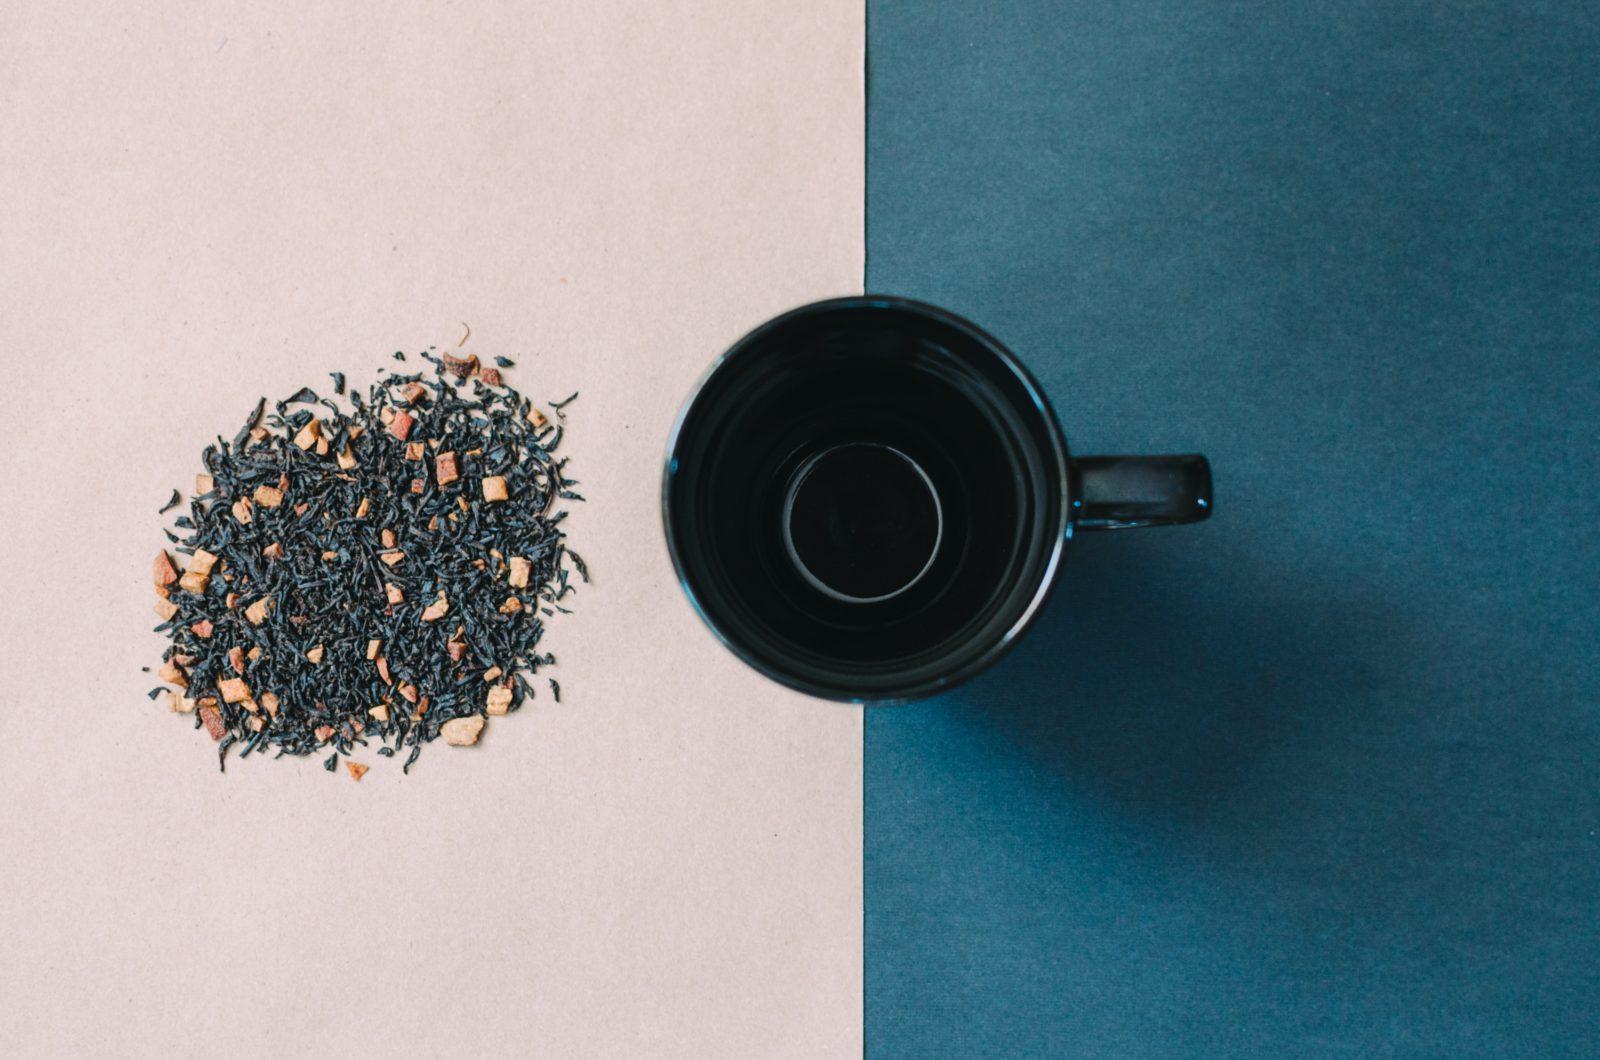 DIY tea blend beside a cup of tea